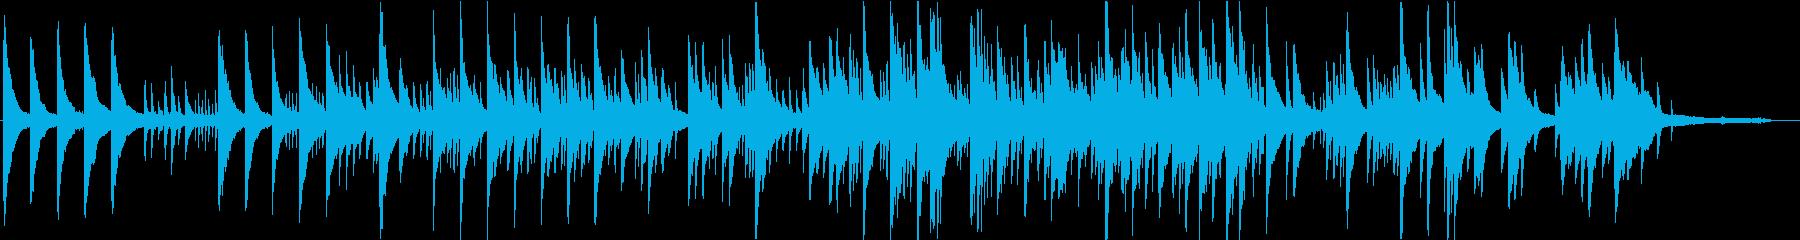 ピアノ音の旋律が重なるオルゴールの様な曲の再生済みの波形